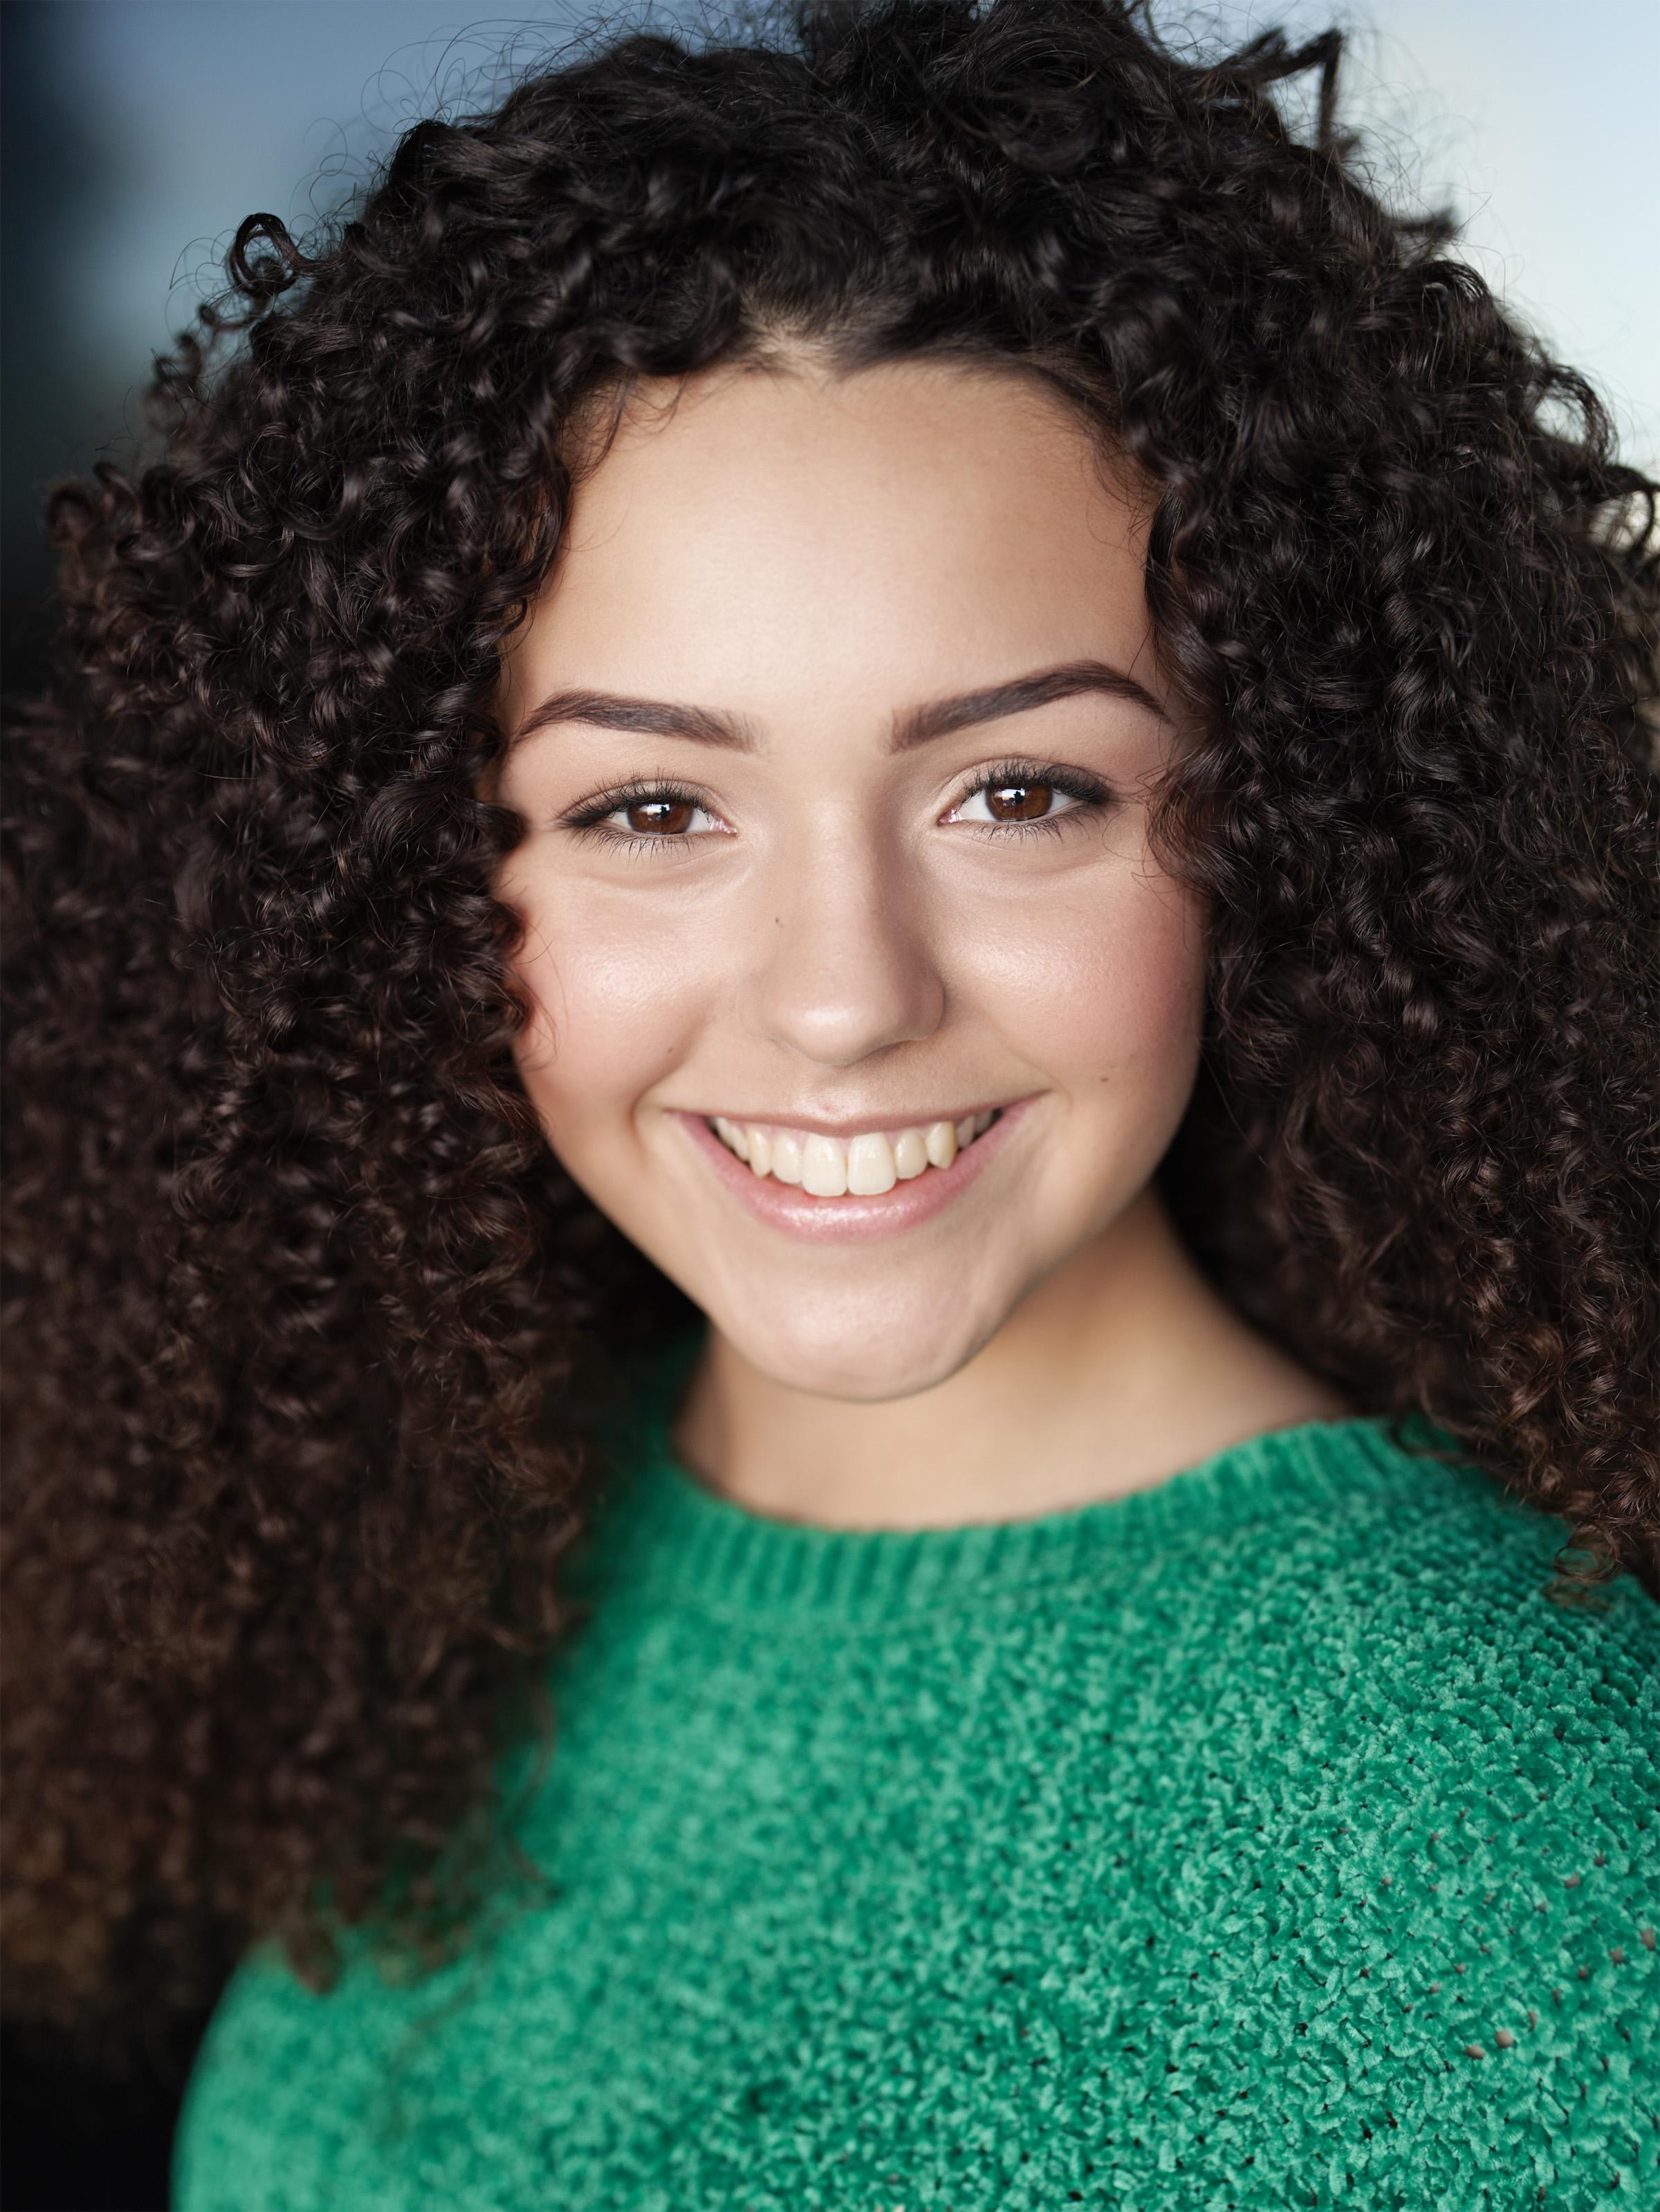 Desiree Katakis - Age 15